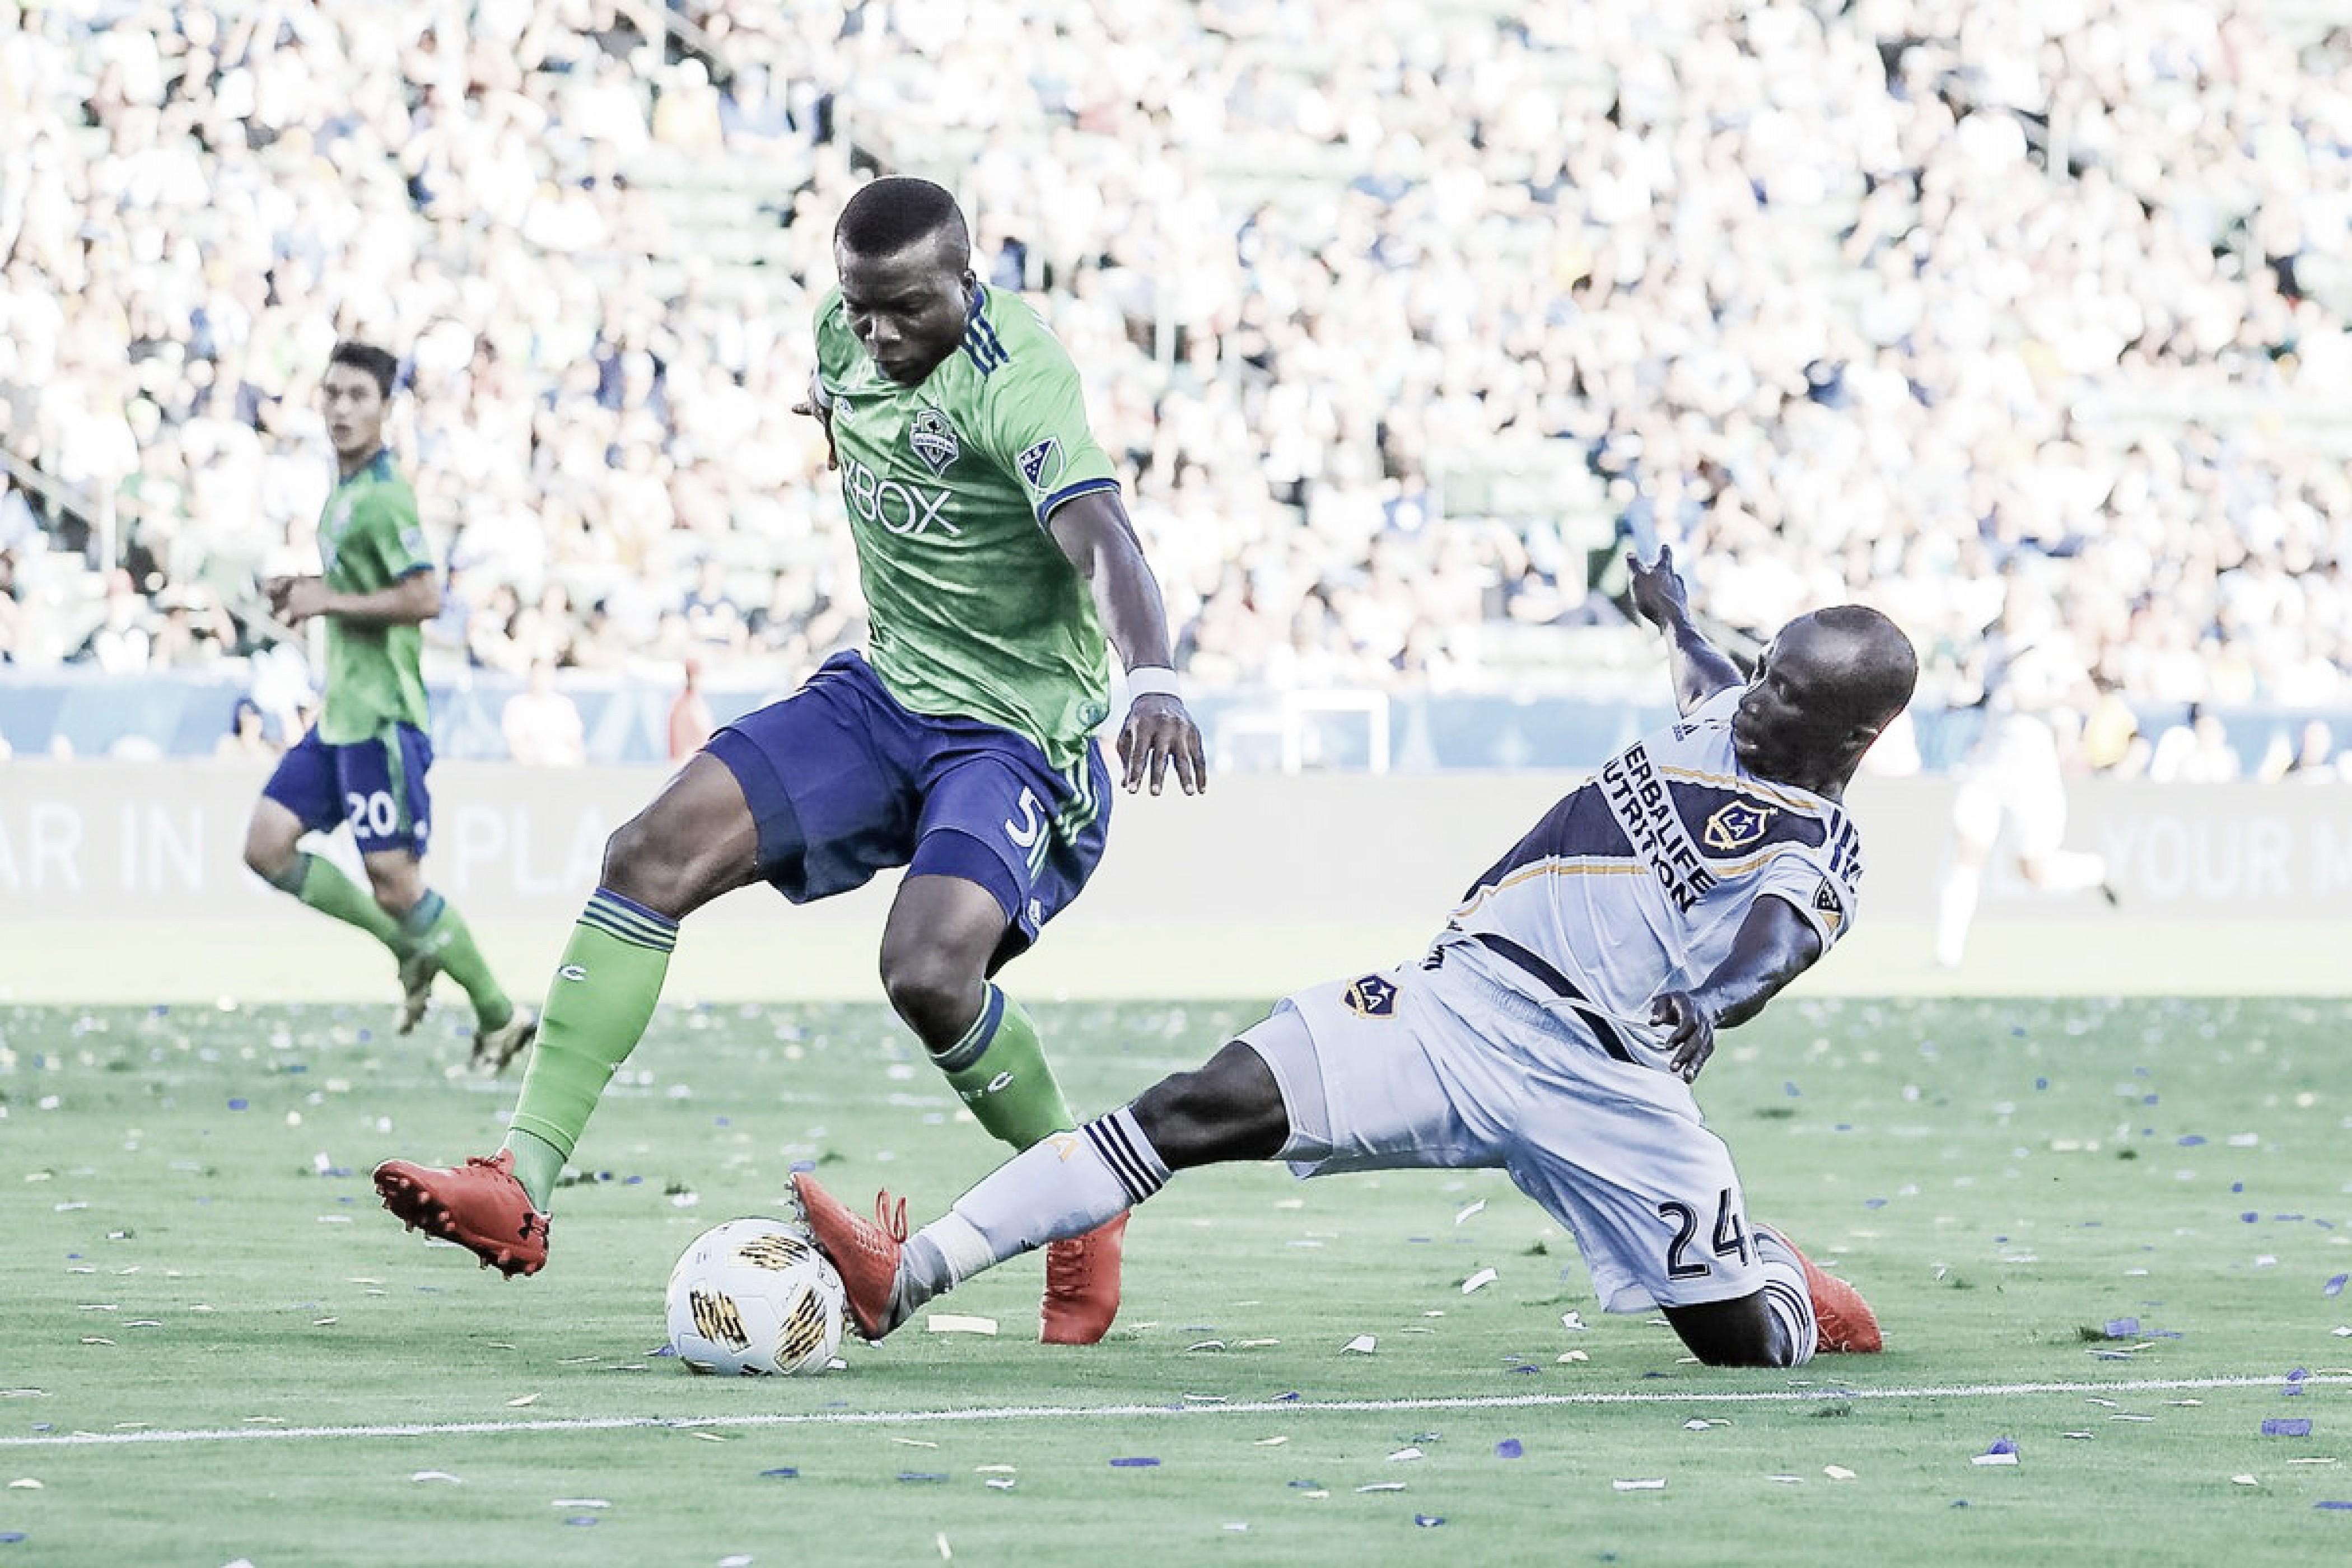 Resumen de la semana 30 en la MLS 2018: sin margen de error